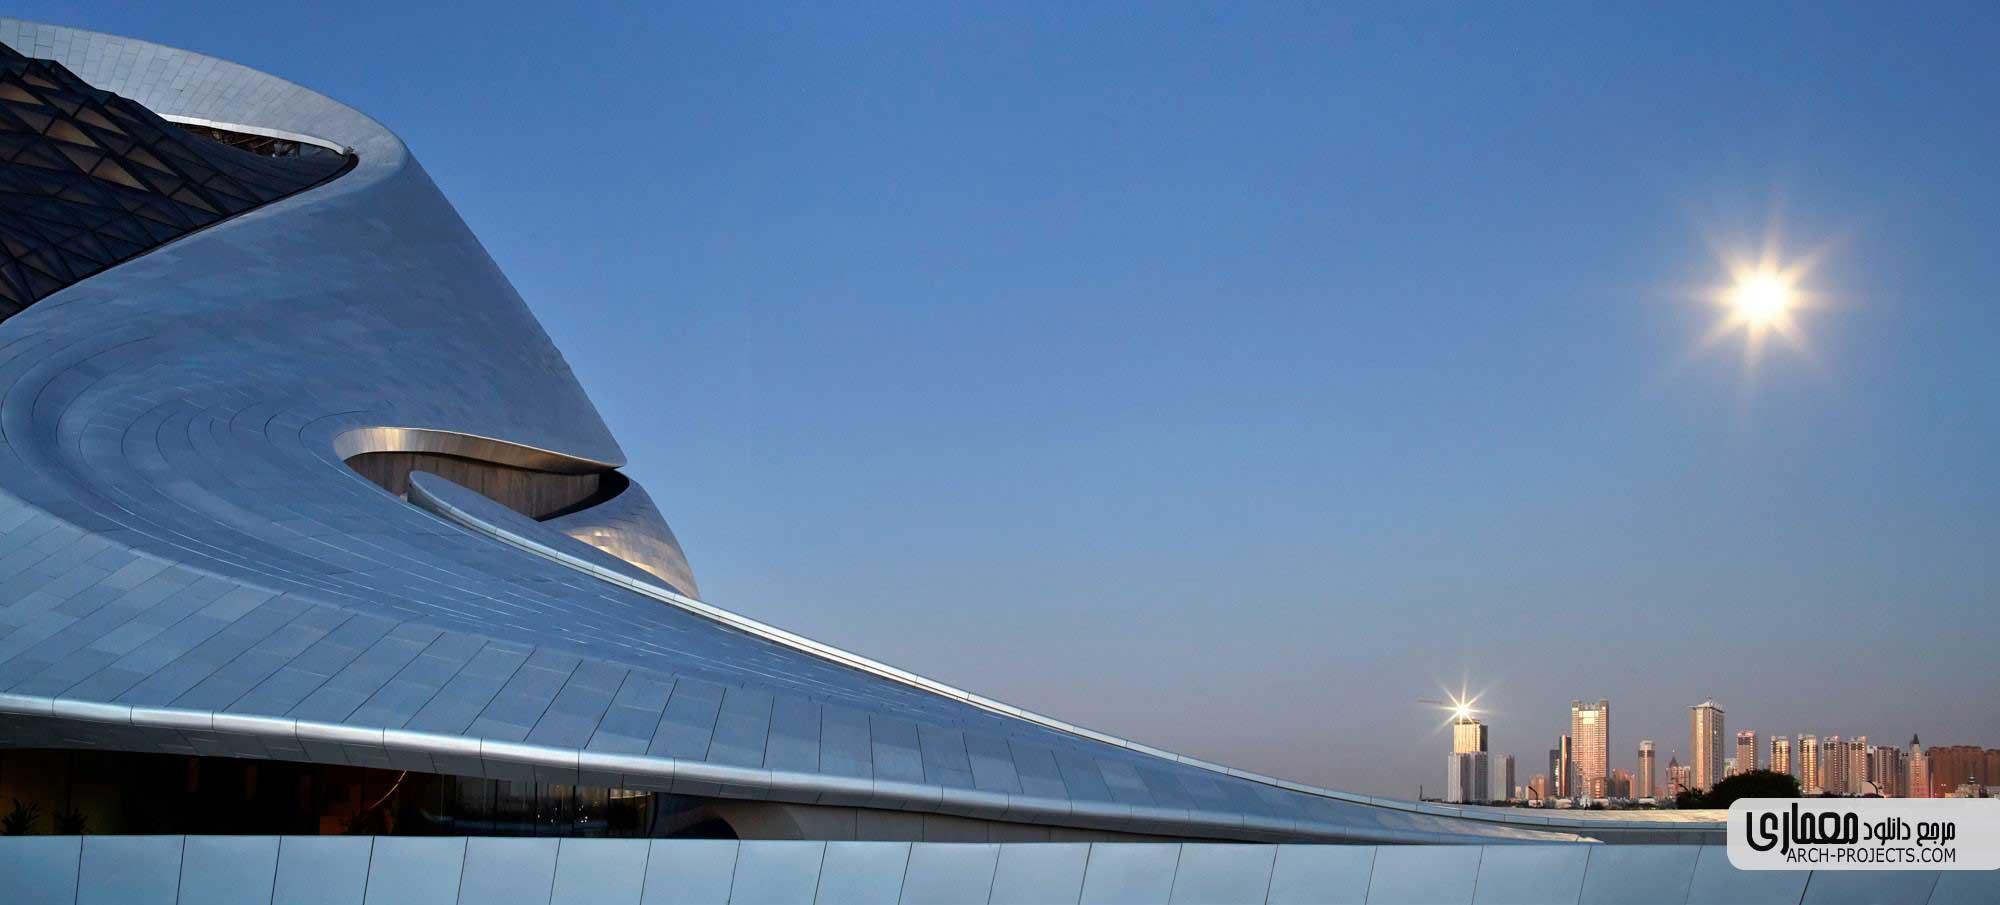 خانه اپرای Harbin